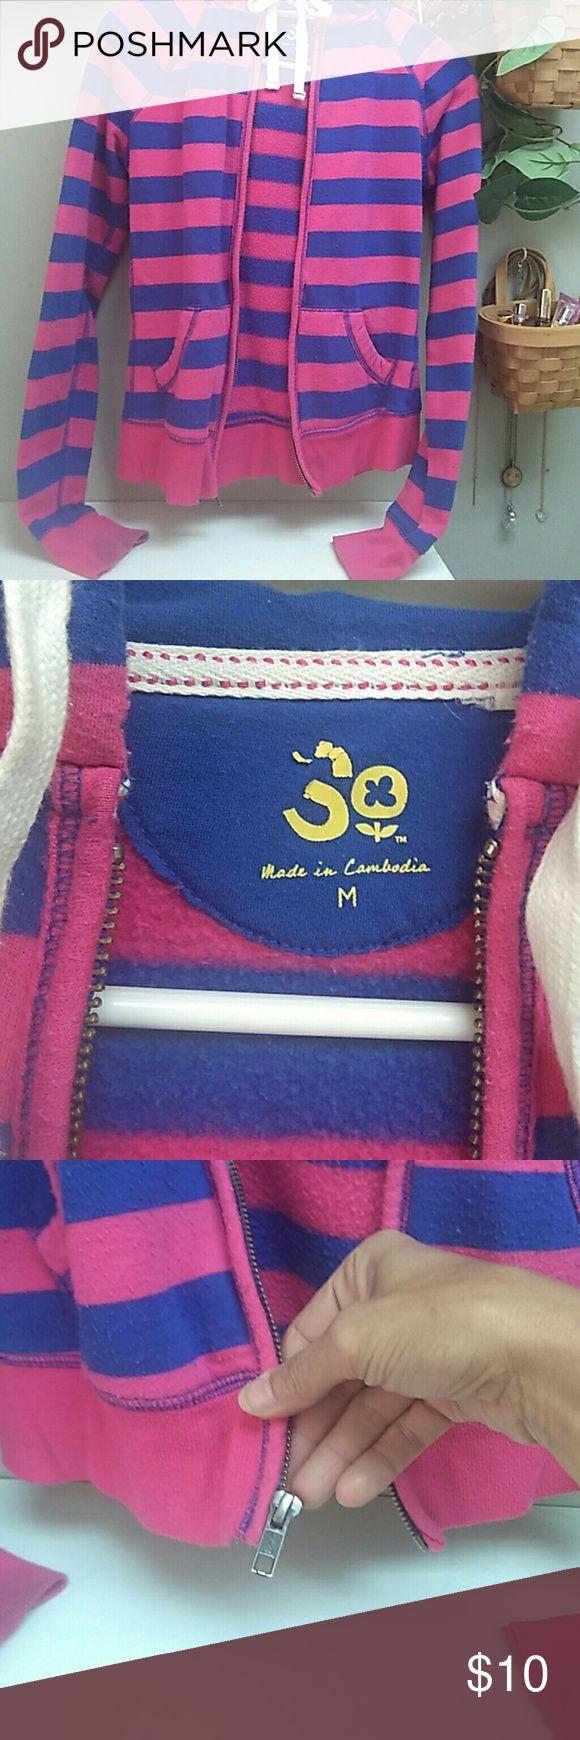 SO zip up hoodie Pink and blue striped zip up hoodie. SO Tops Sweatshirts & Hoodies